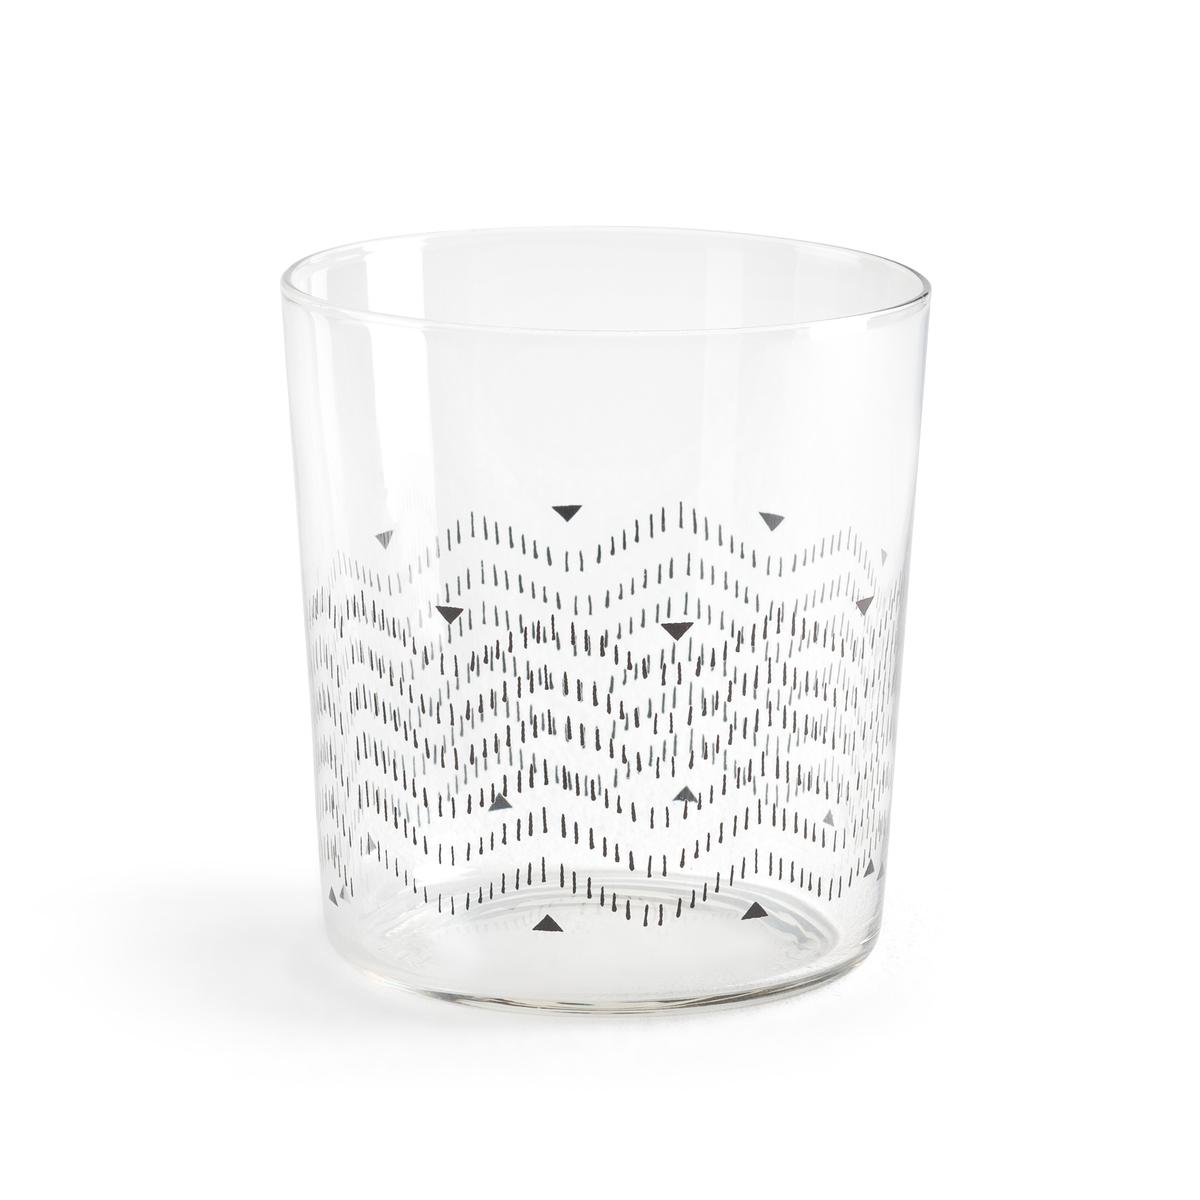 Комплект из 4 стаканов, AFROA La Redoute La Redoute единый размер другие комплект из 4 стаканов afroa la redoute la redoute единый размер другие